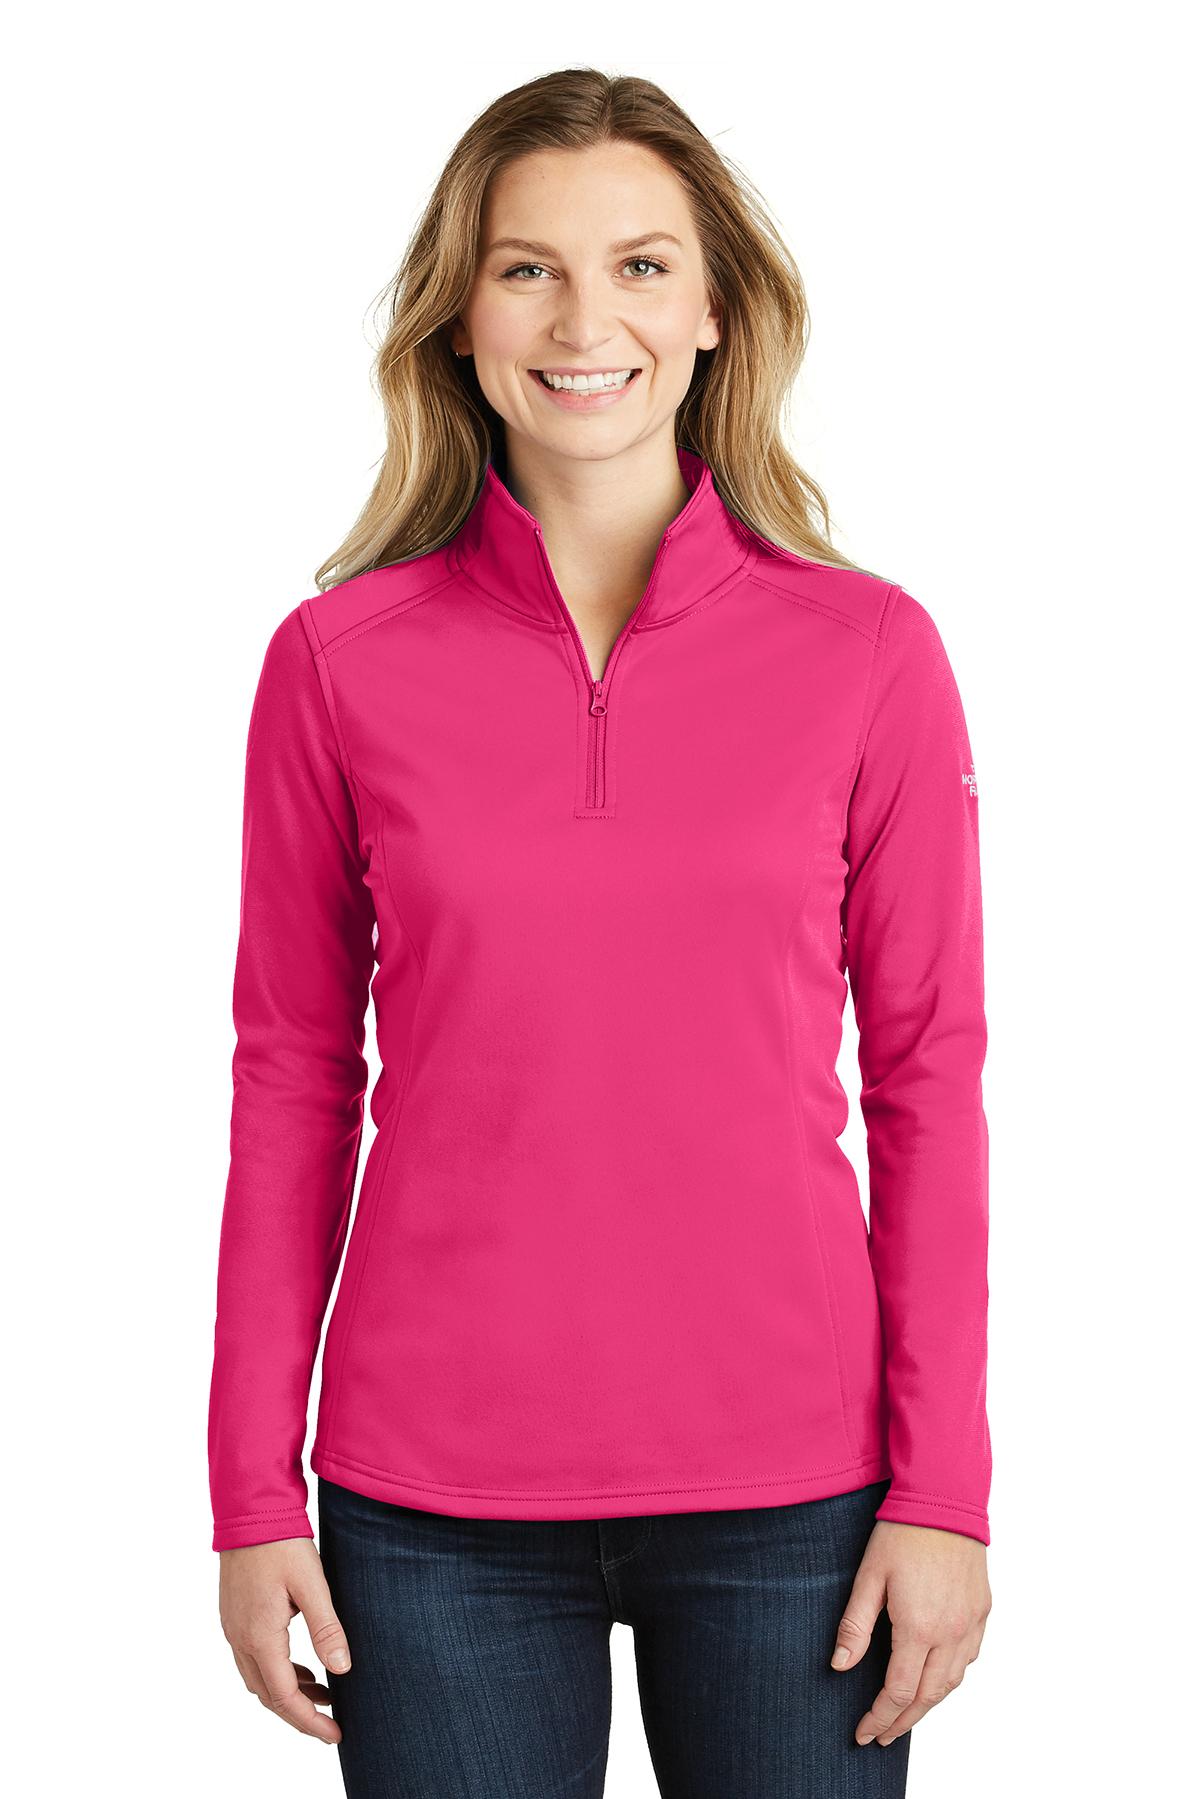 e5b185a7e The North Face® Ladies Tech 1/4-Zip Fleece   Sweatshirts/Fleece   SanMar